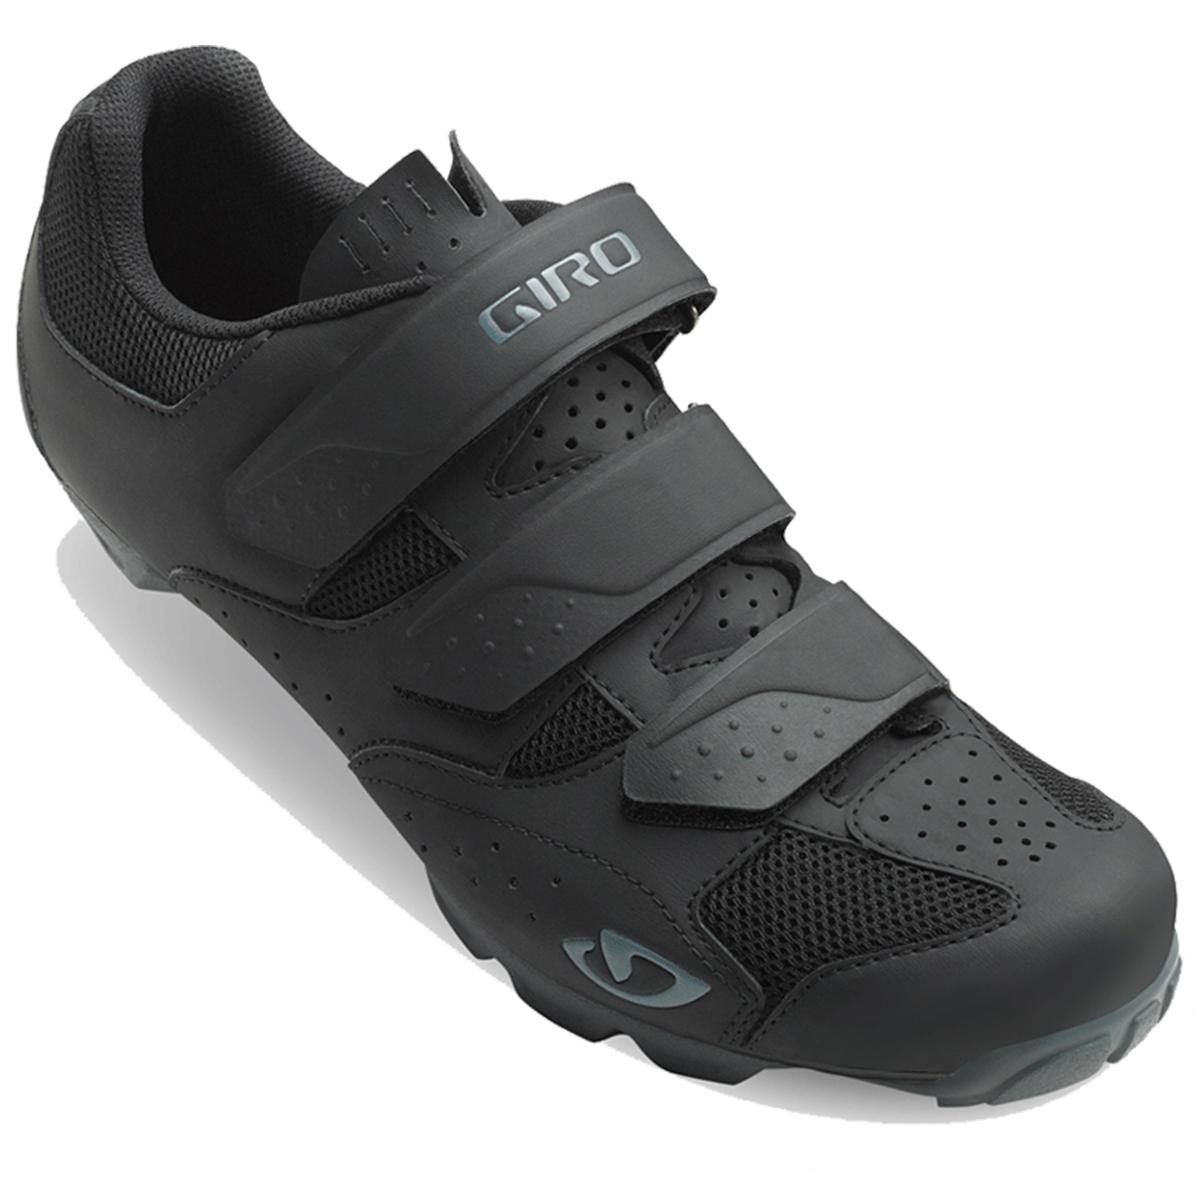 Giro Carbide R II Mountain Bike Shoes